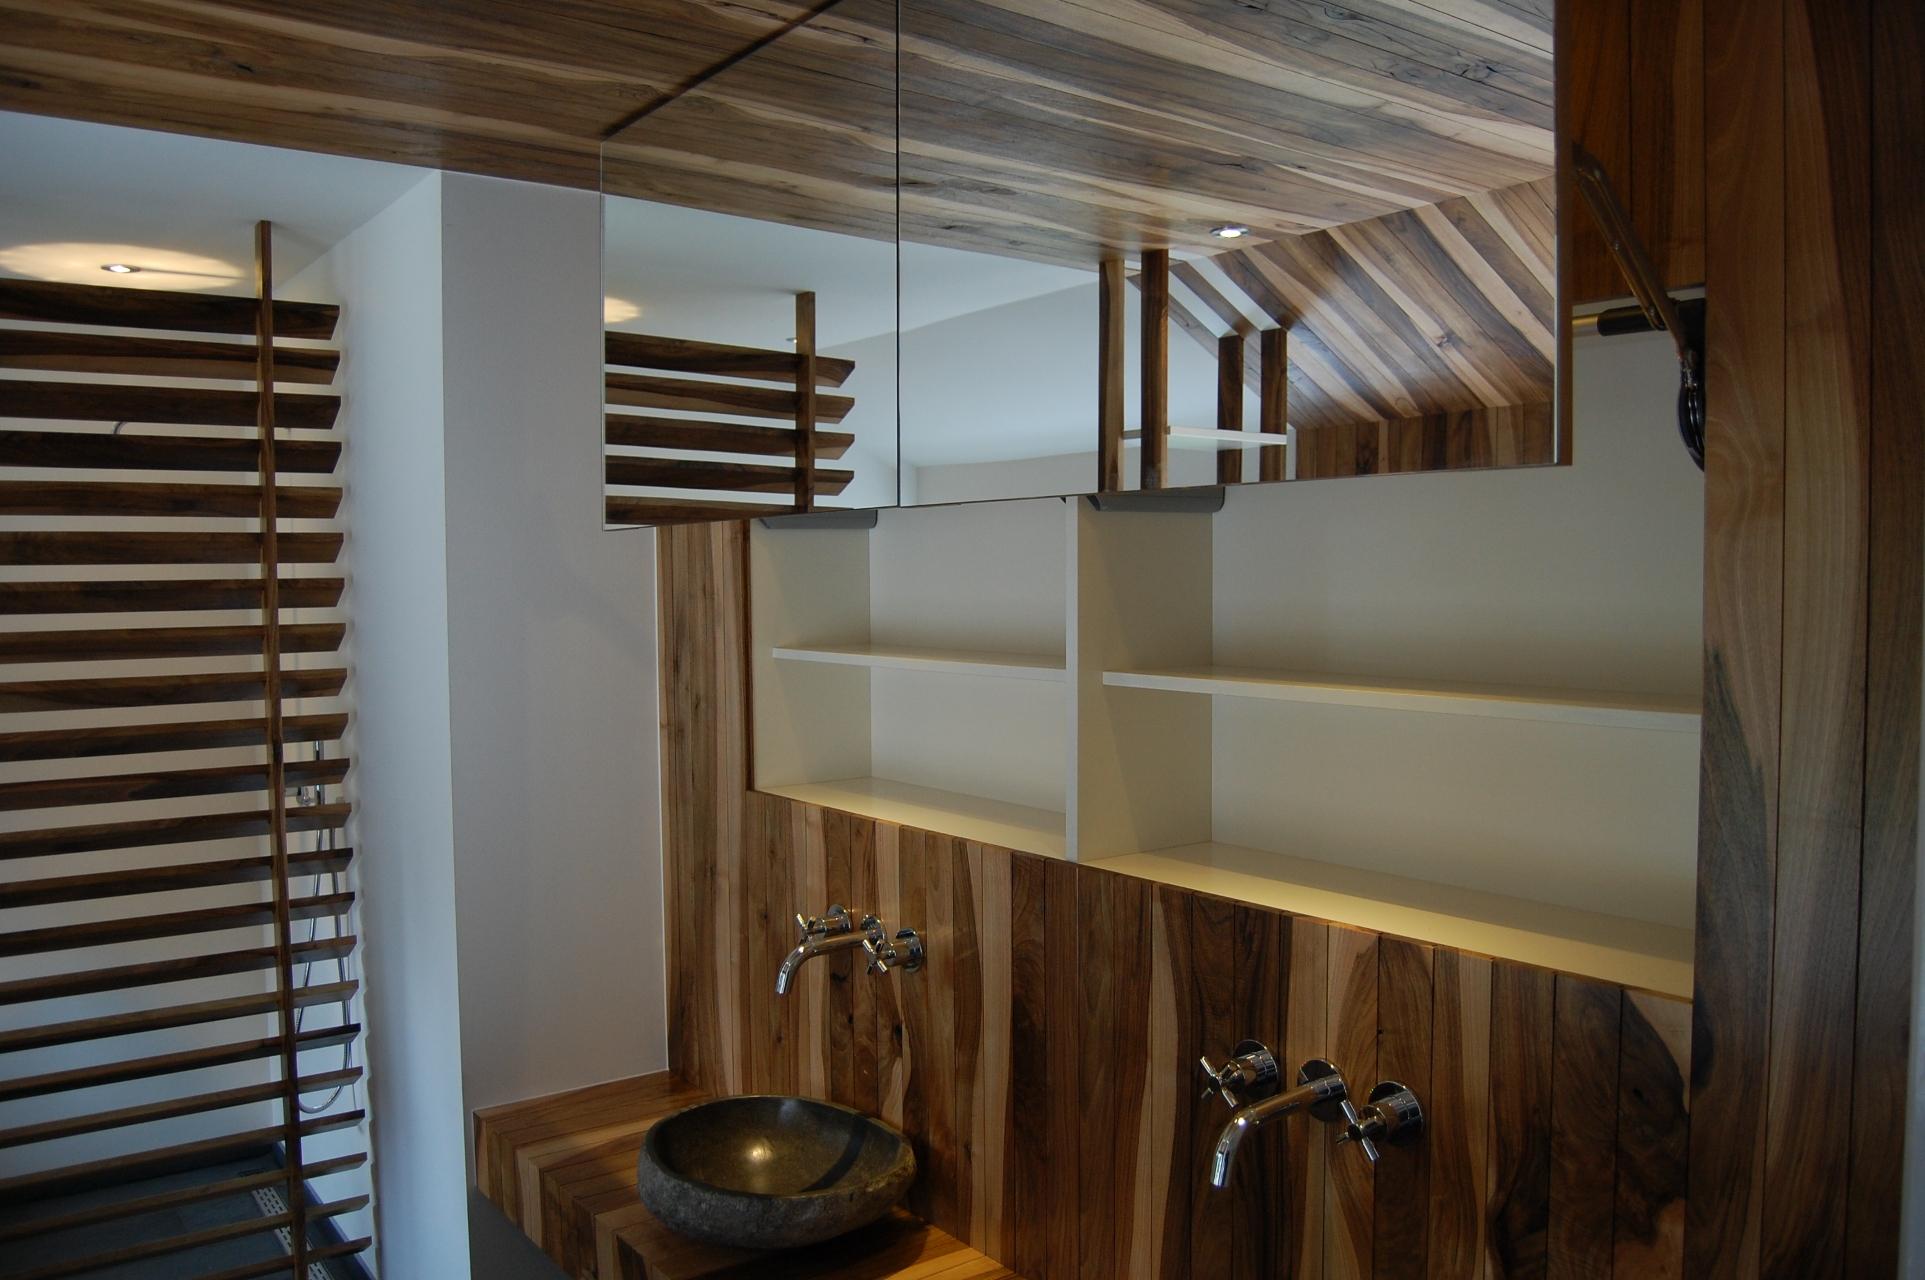 Spiegelkast Badkamer Hout : Spiegelkast badkamer hout spiegelkast sanilux wood 100x70x16cm